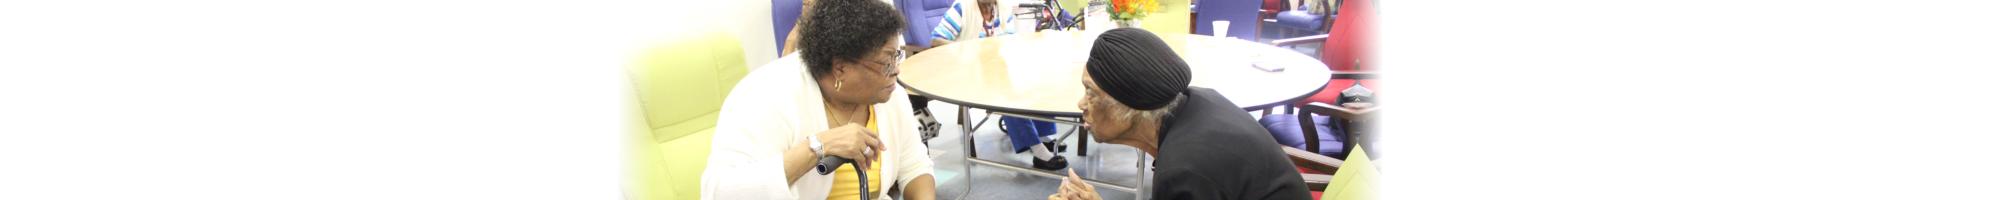 Two elderly Woman talking